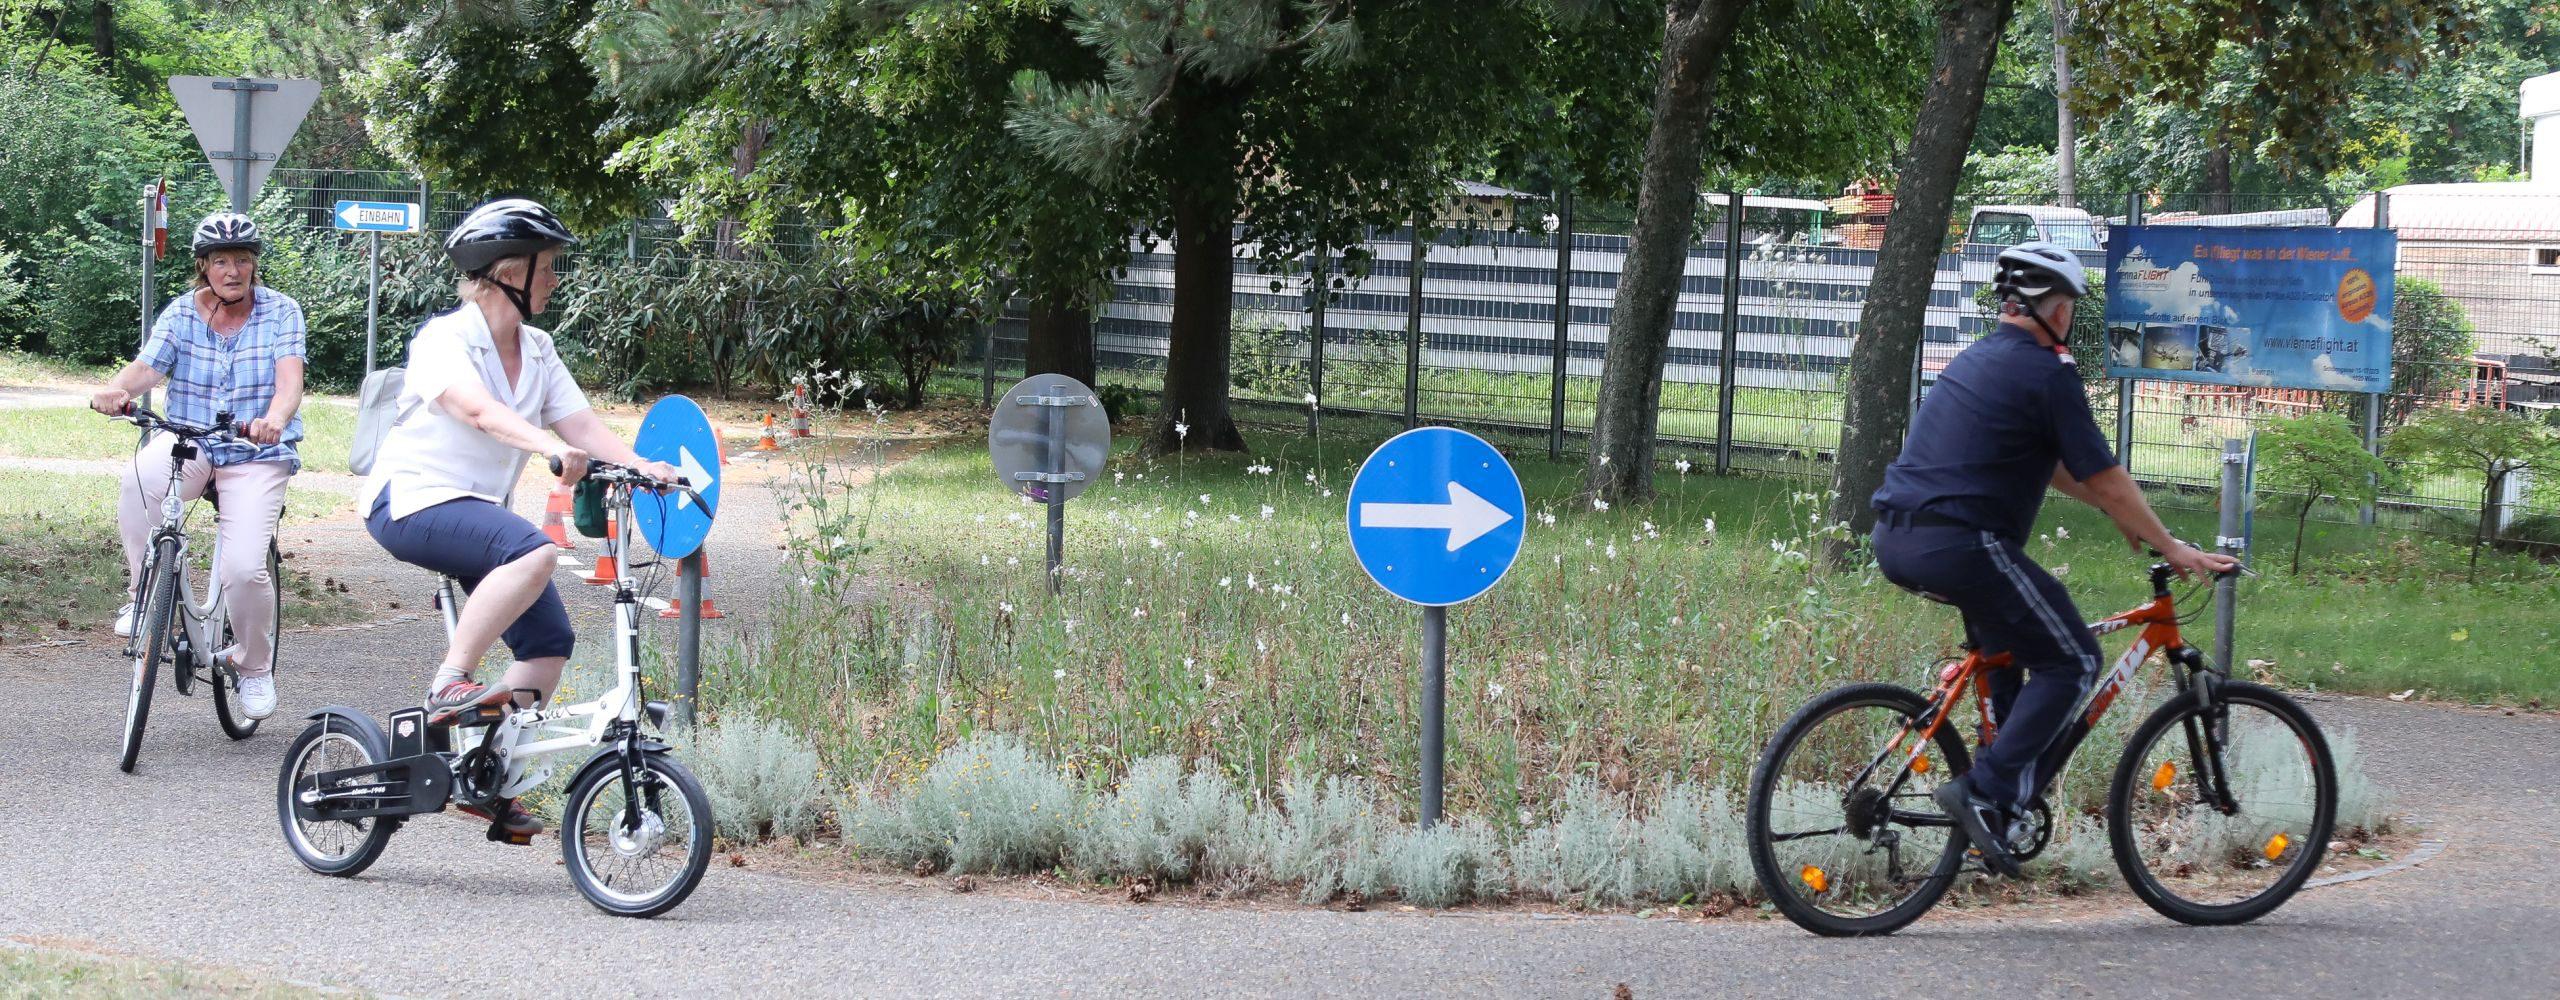 Das SeniorInnenbüro der Stadt Wien, die Verkehrspolizei, der Bezirk Leopoldstadt und die Mobilitätsagentur veranstalten ein kostenloses Radsicherheitstraining sowie einen Räder-Check für SeniorInnen. Foto: Christian Fürthner